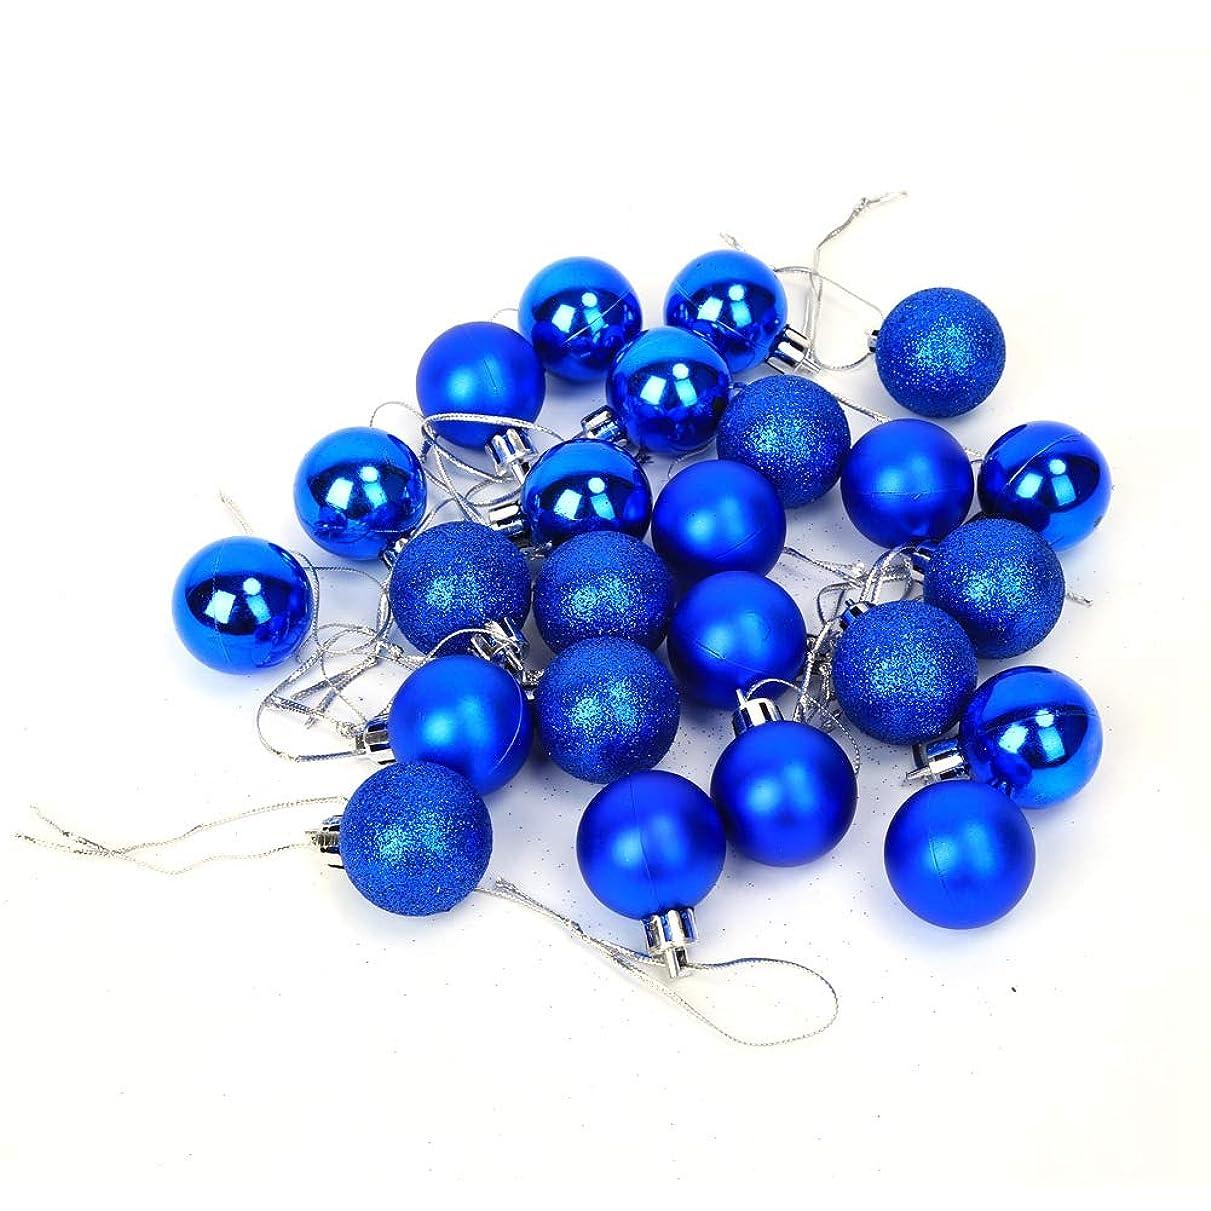 勝つオンス信念Asixx クリスマスオーナメント バブルボール 24個入り クリスマスツリー 飾り キラキラ 装飾 インテリア バブルボール 全6色選べる(ブルー)